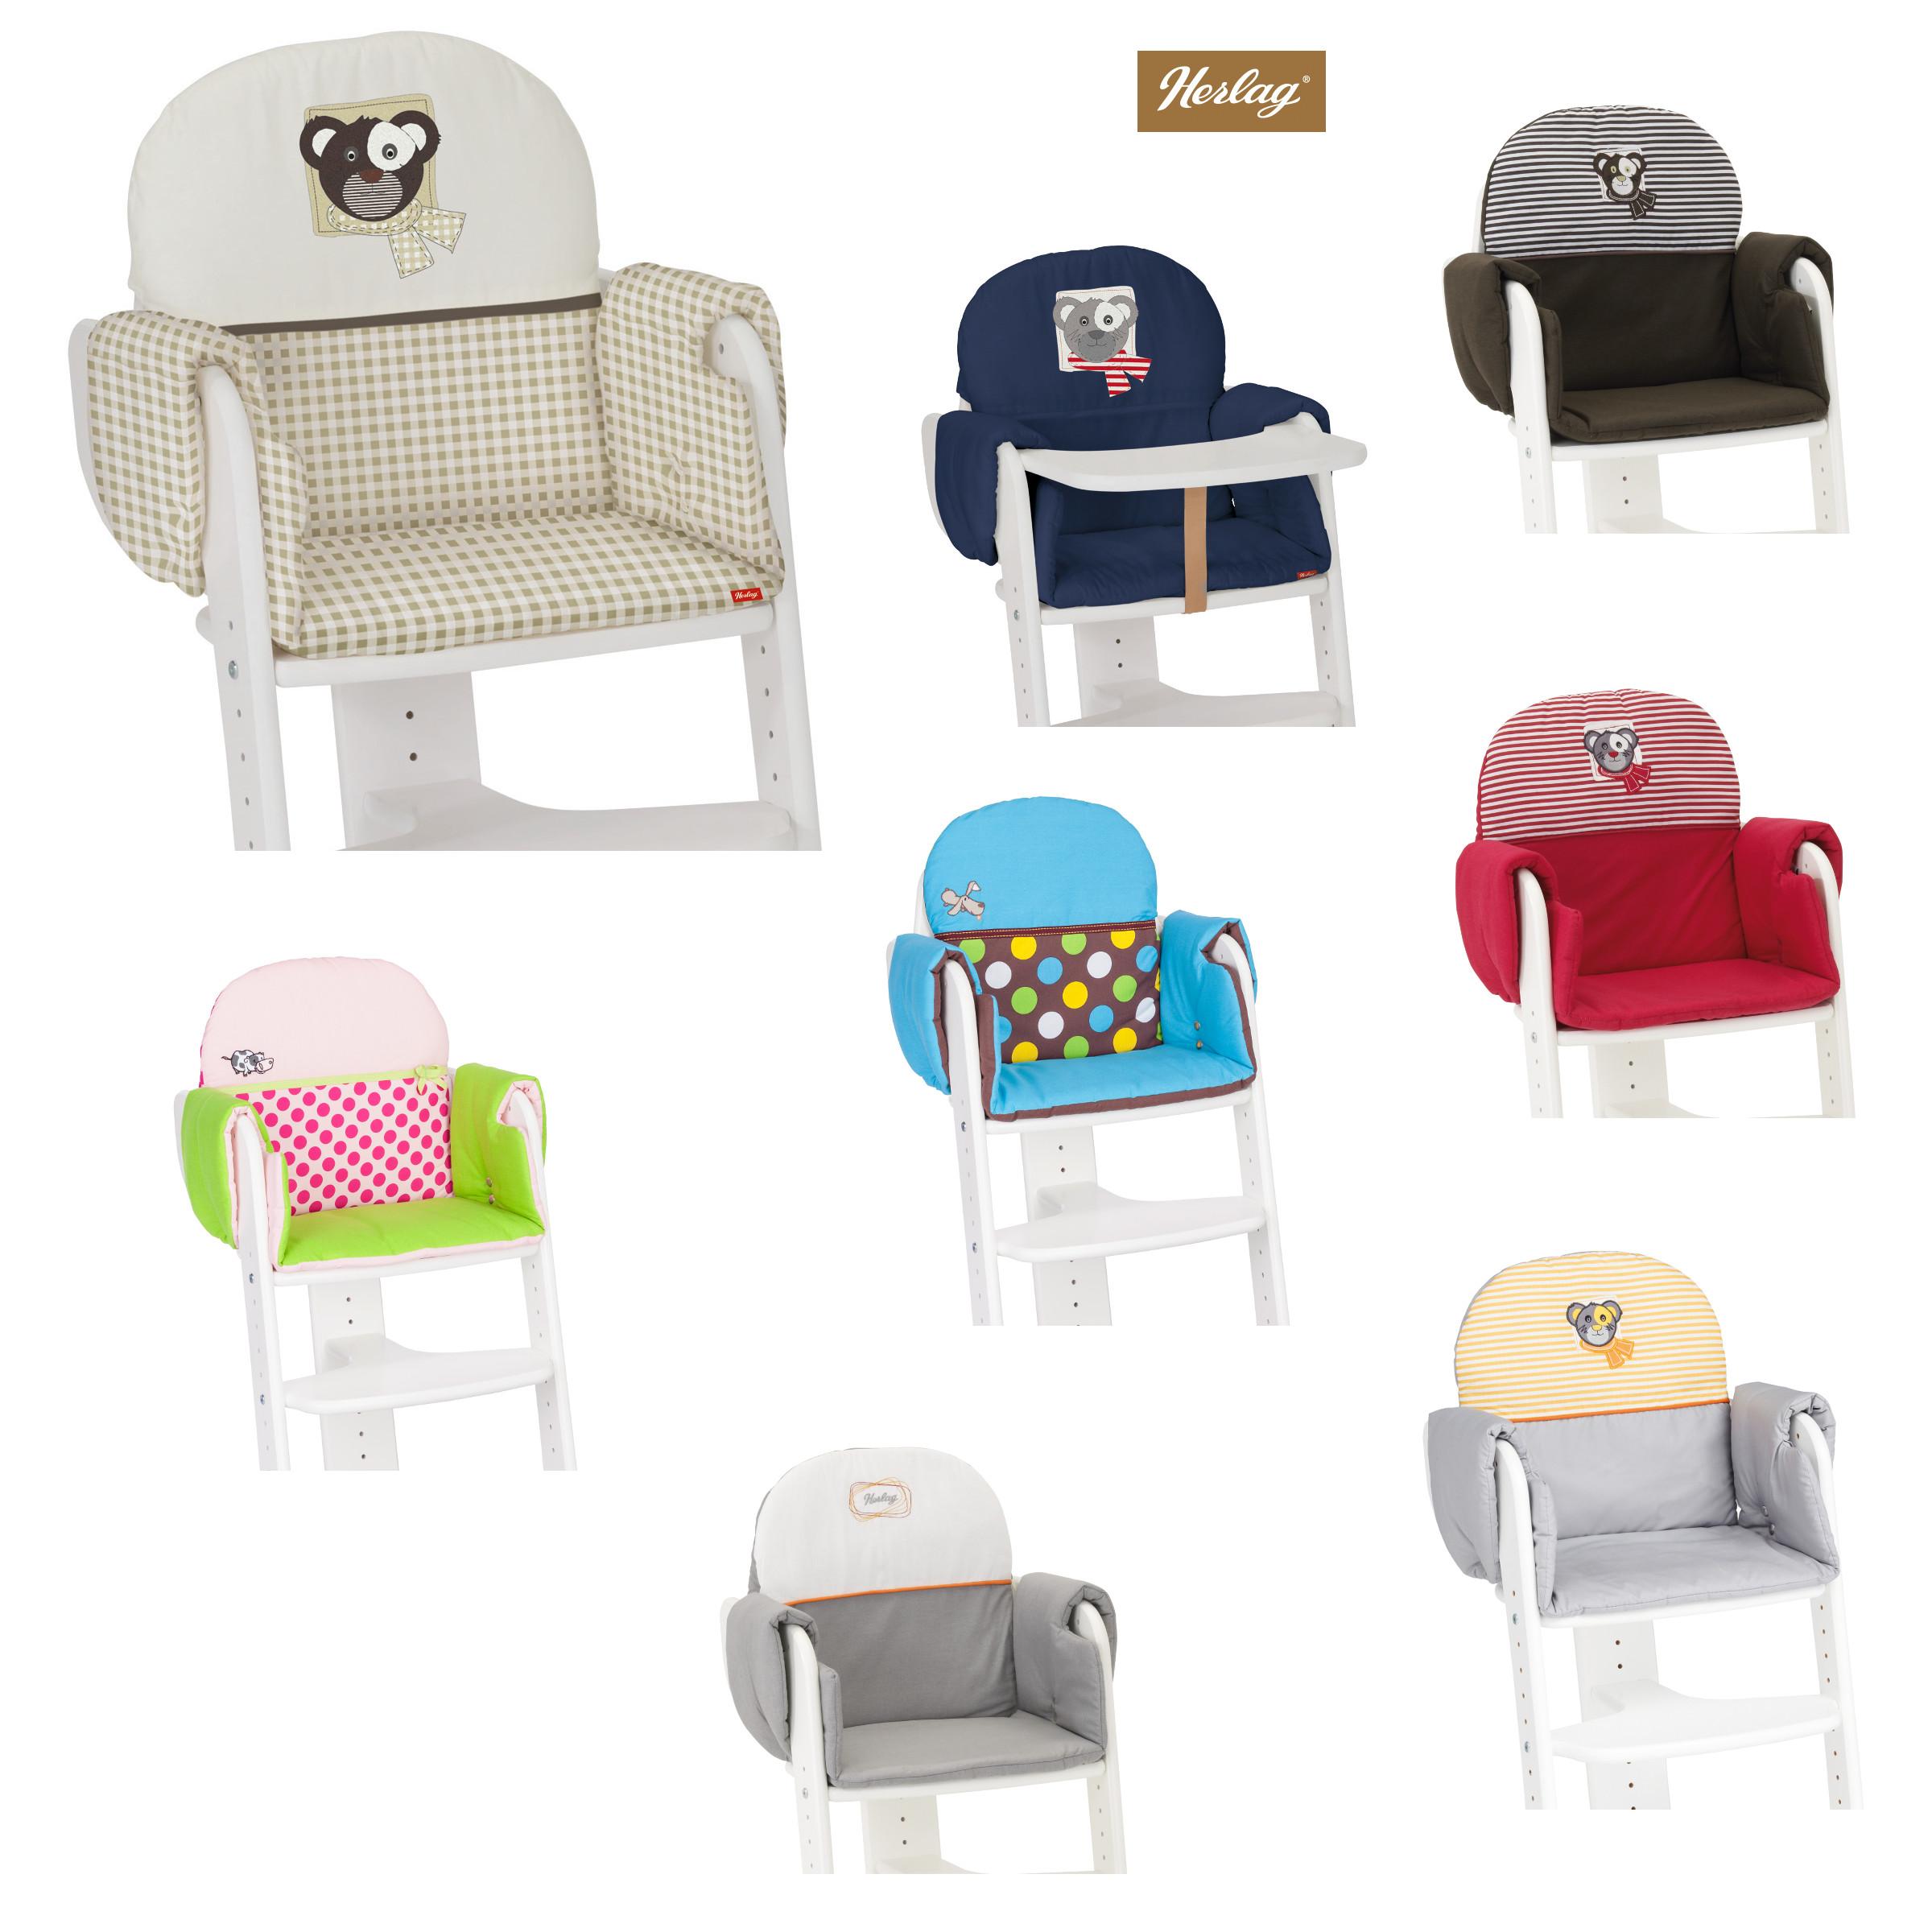 herlag sitzpolster f r tipp topp iv hochstuhl sitzauflage sitzverkleinerer ebay. Black Bedroom Furniture Sets. Home Design Ideas